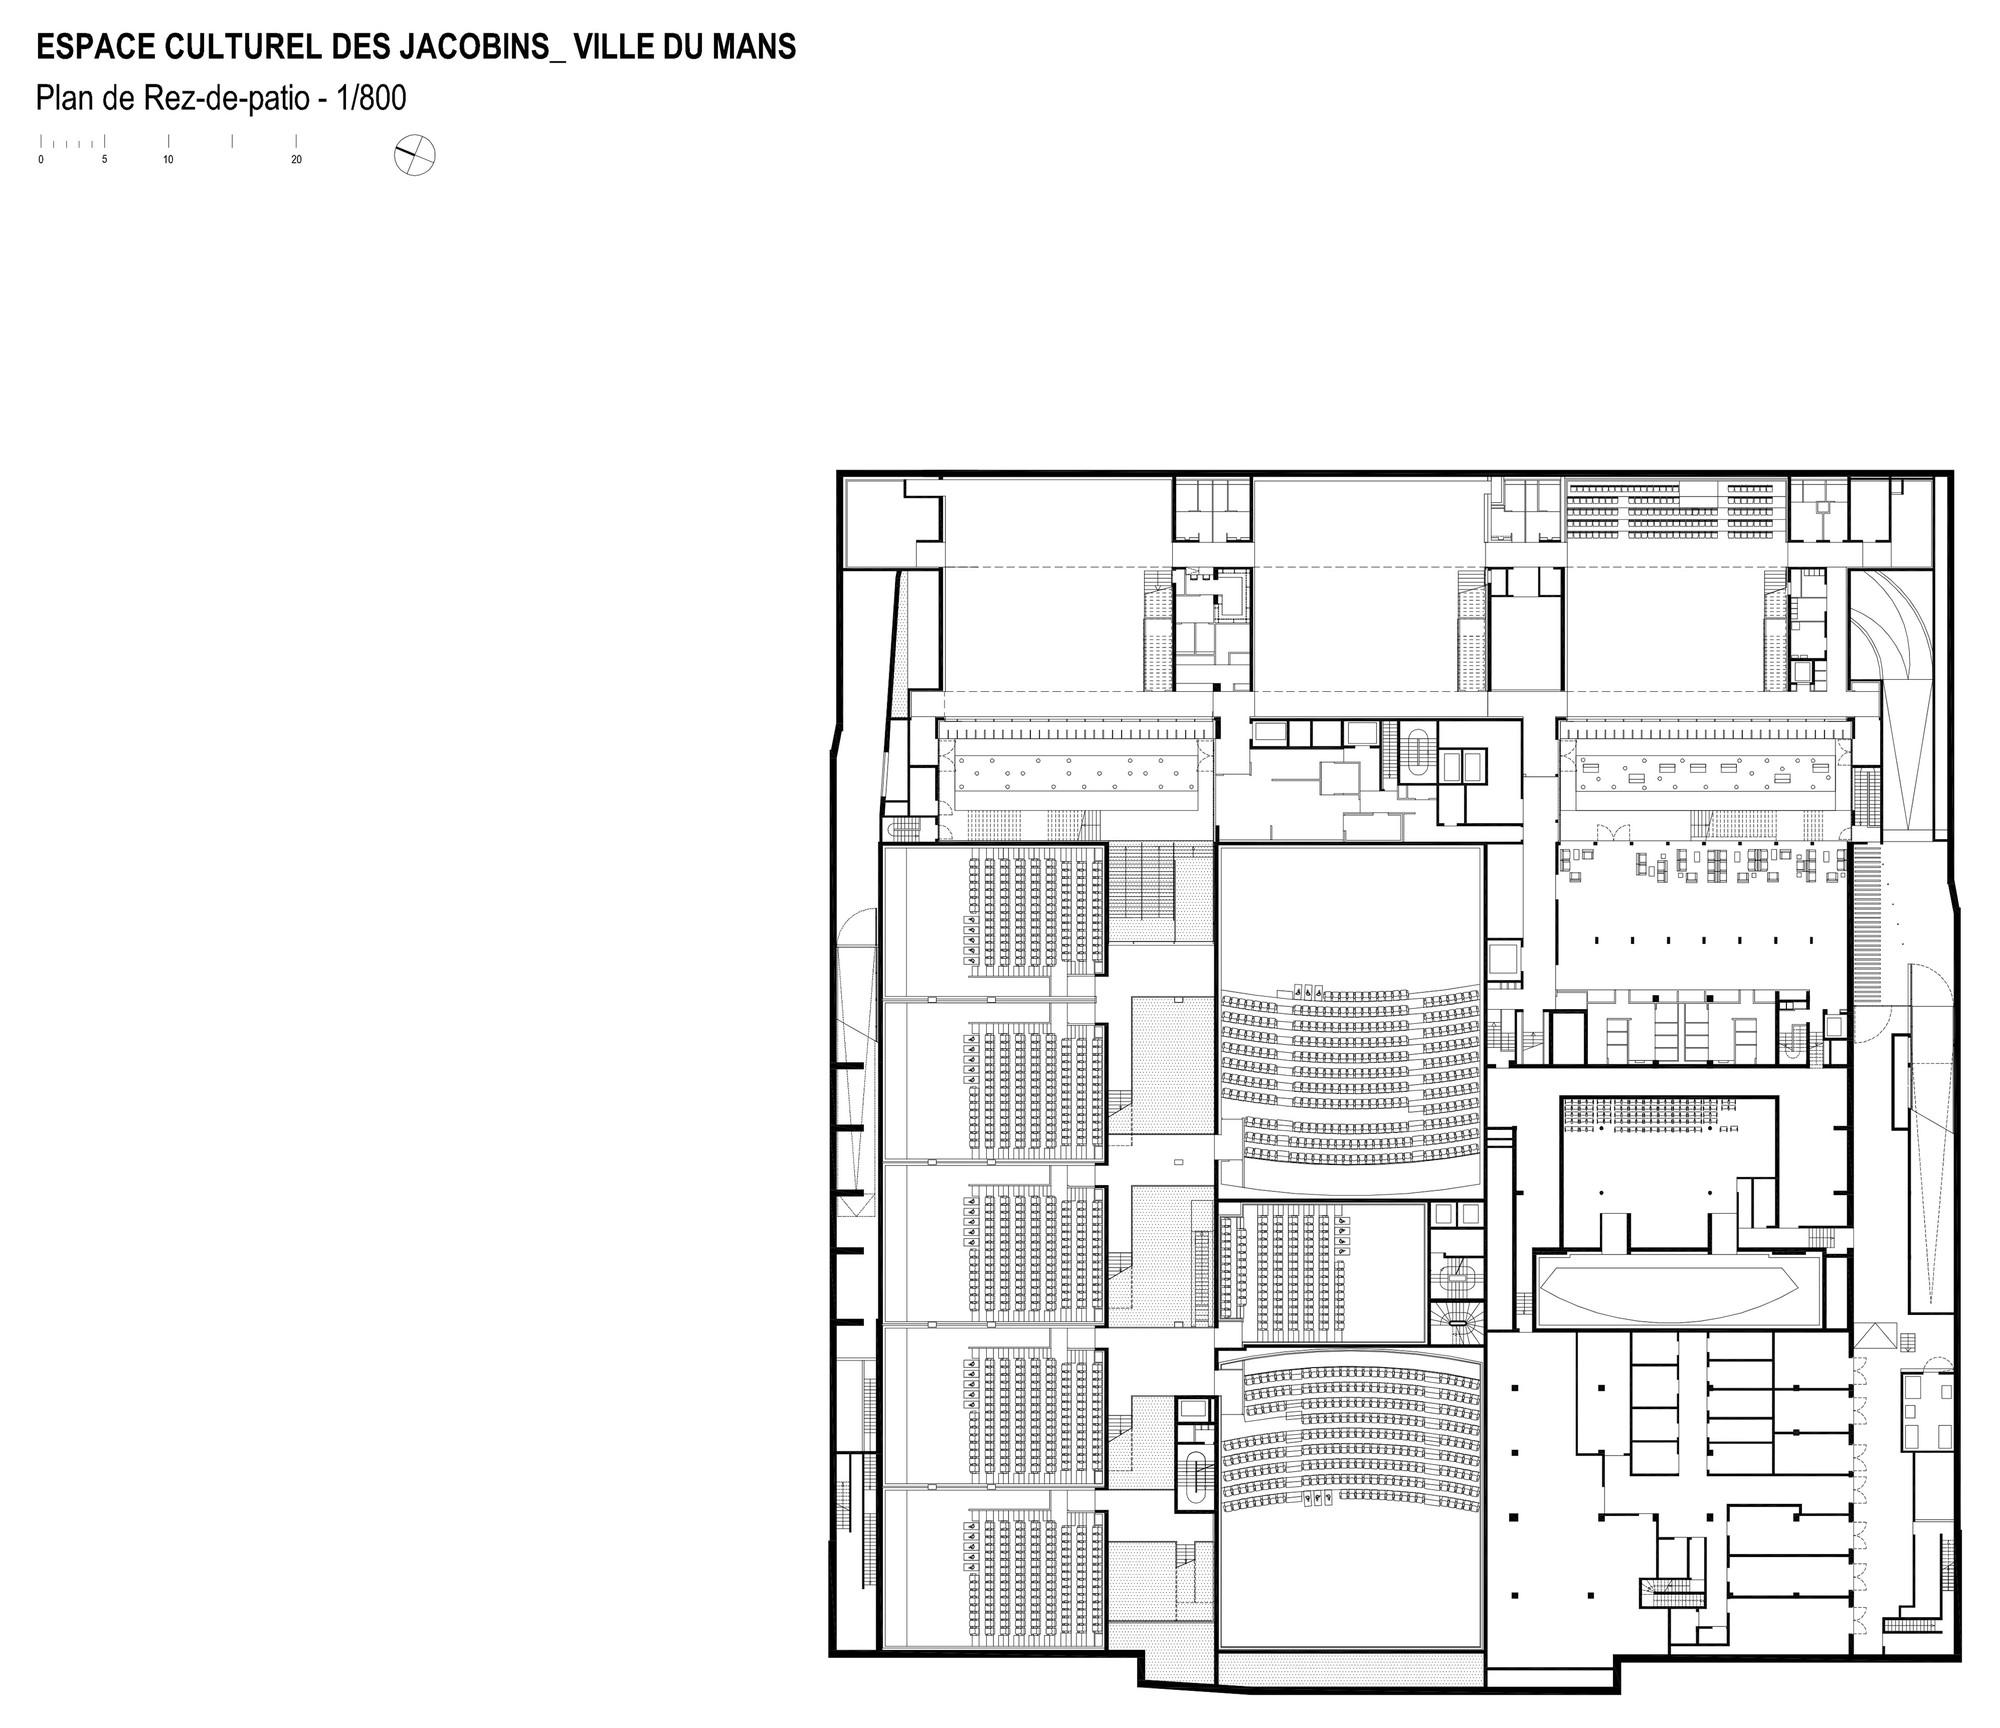 53ce1b78c07a80492d00038d Les Quinconces Cultural Center Babin Renaud Floor Plan on Villa Savoye Floor Plans